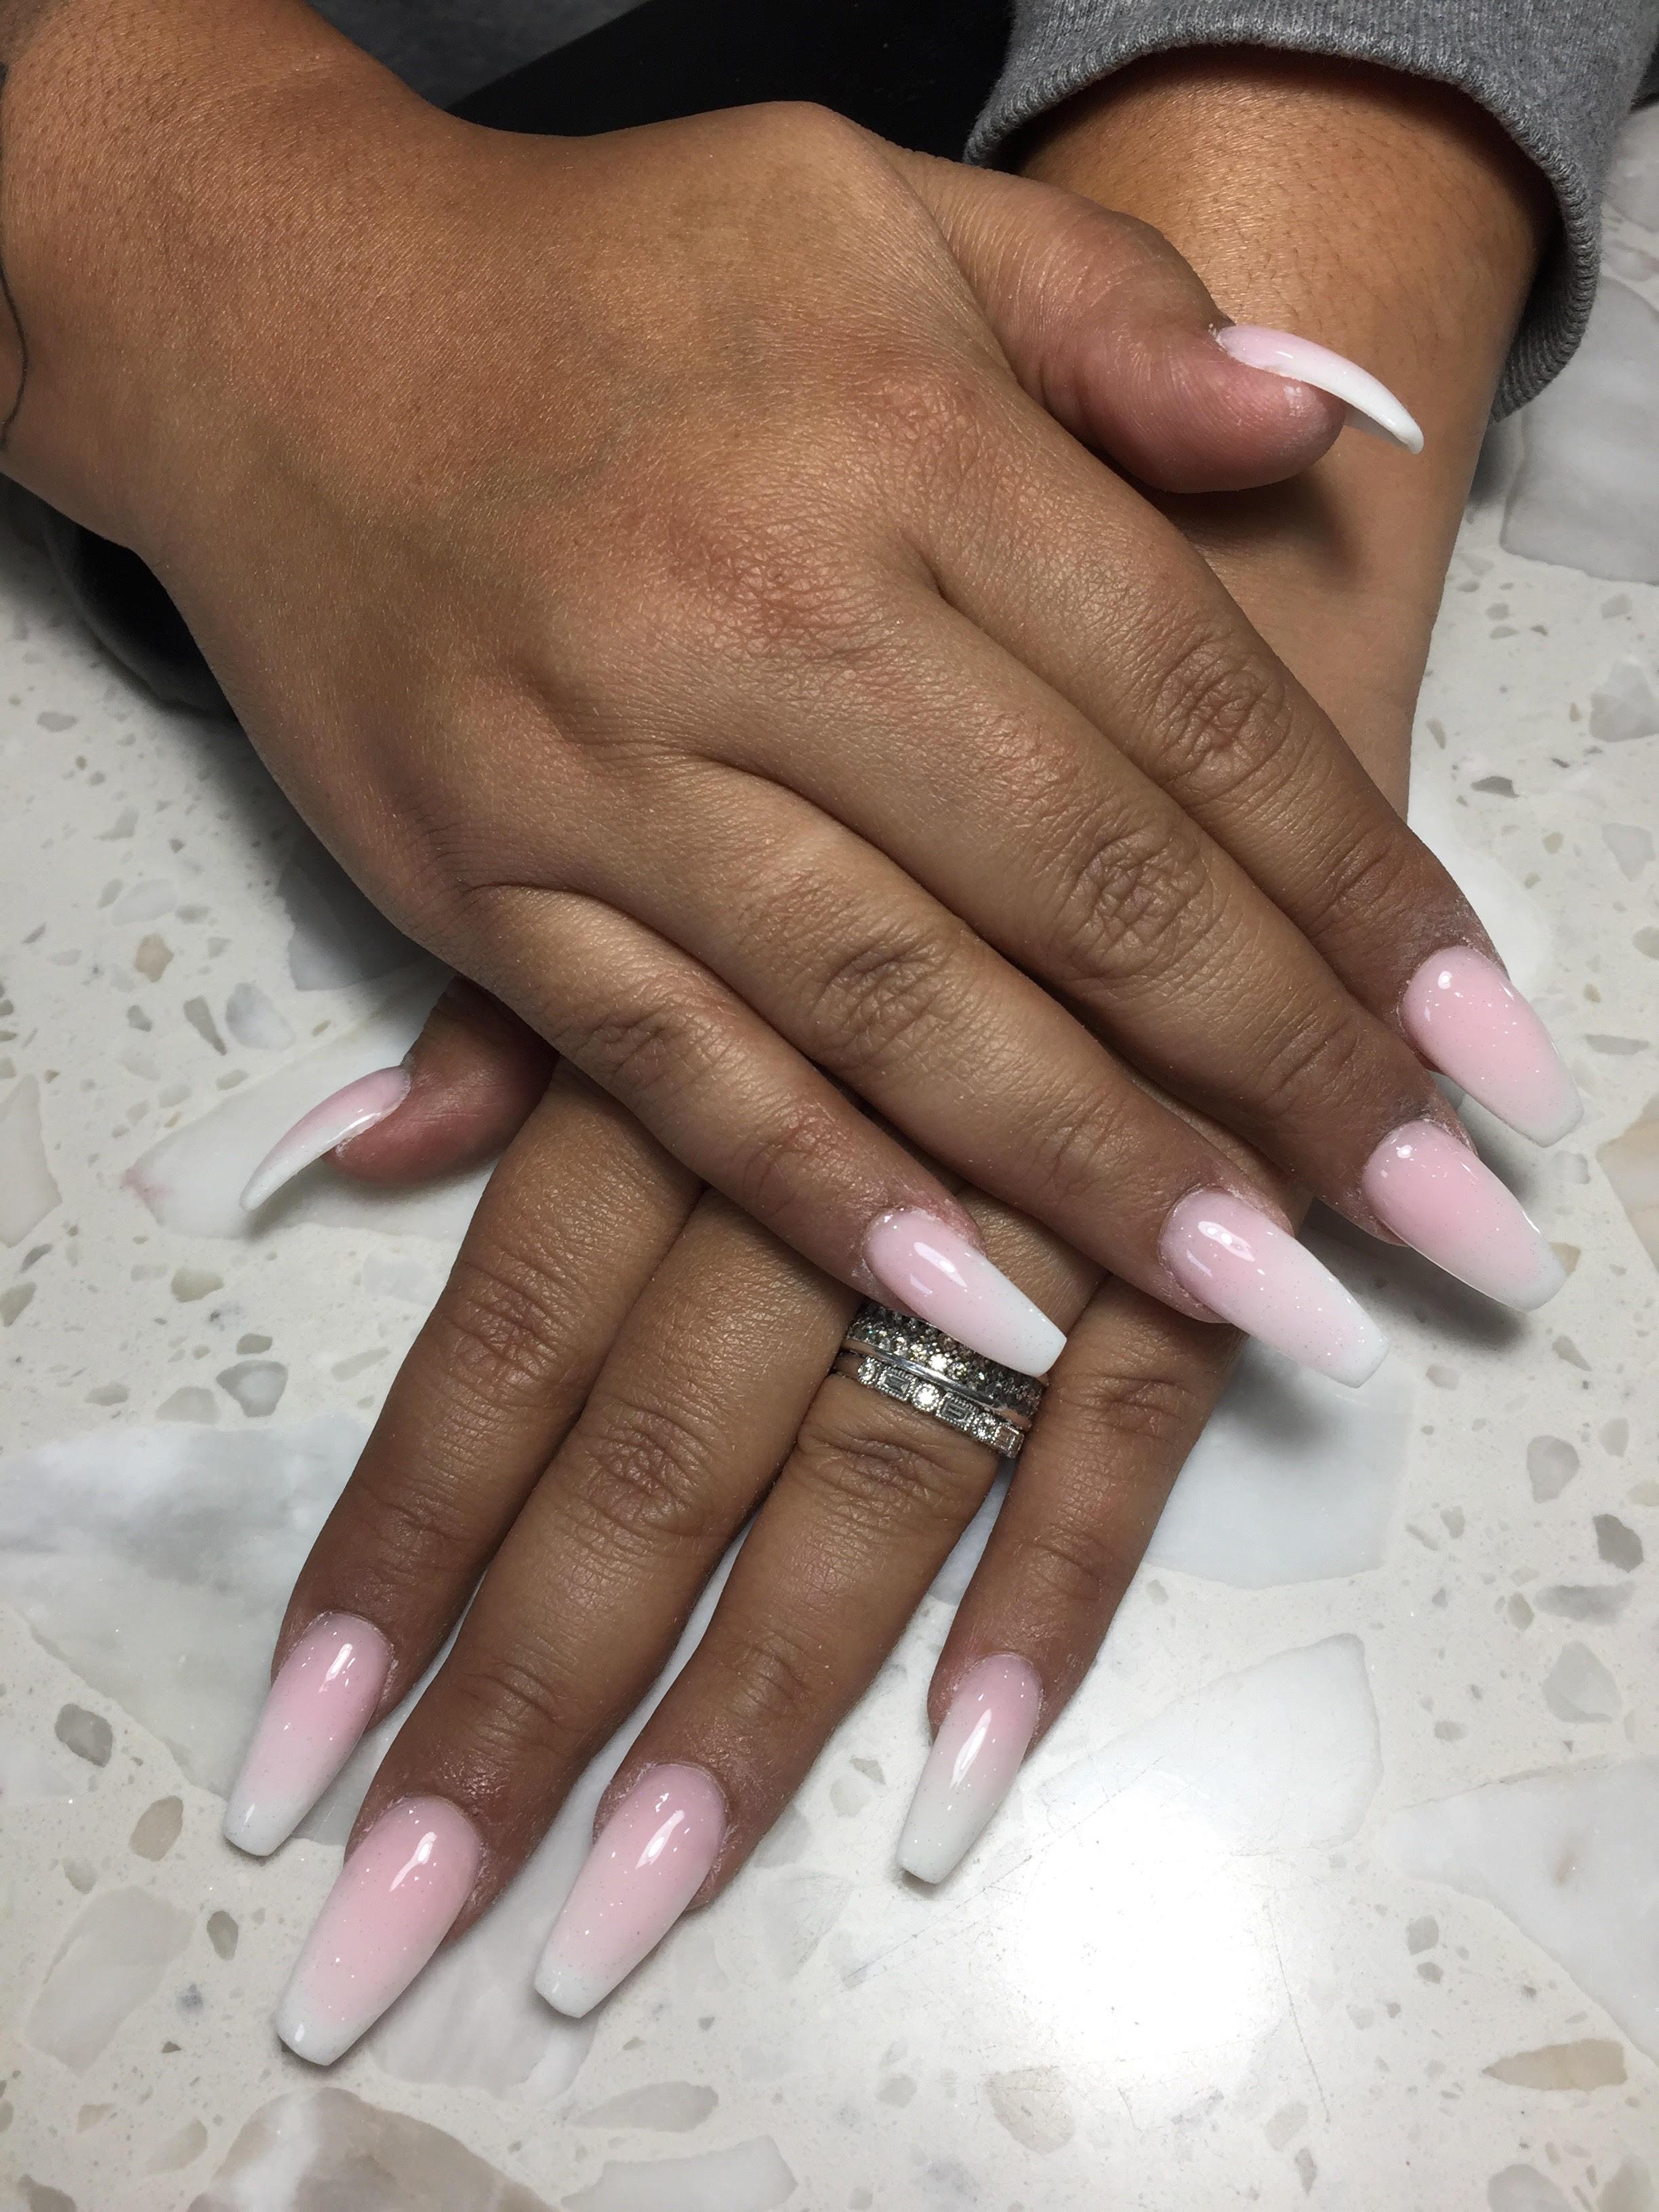 Idol Nails image 8